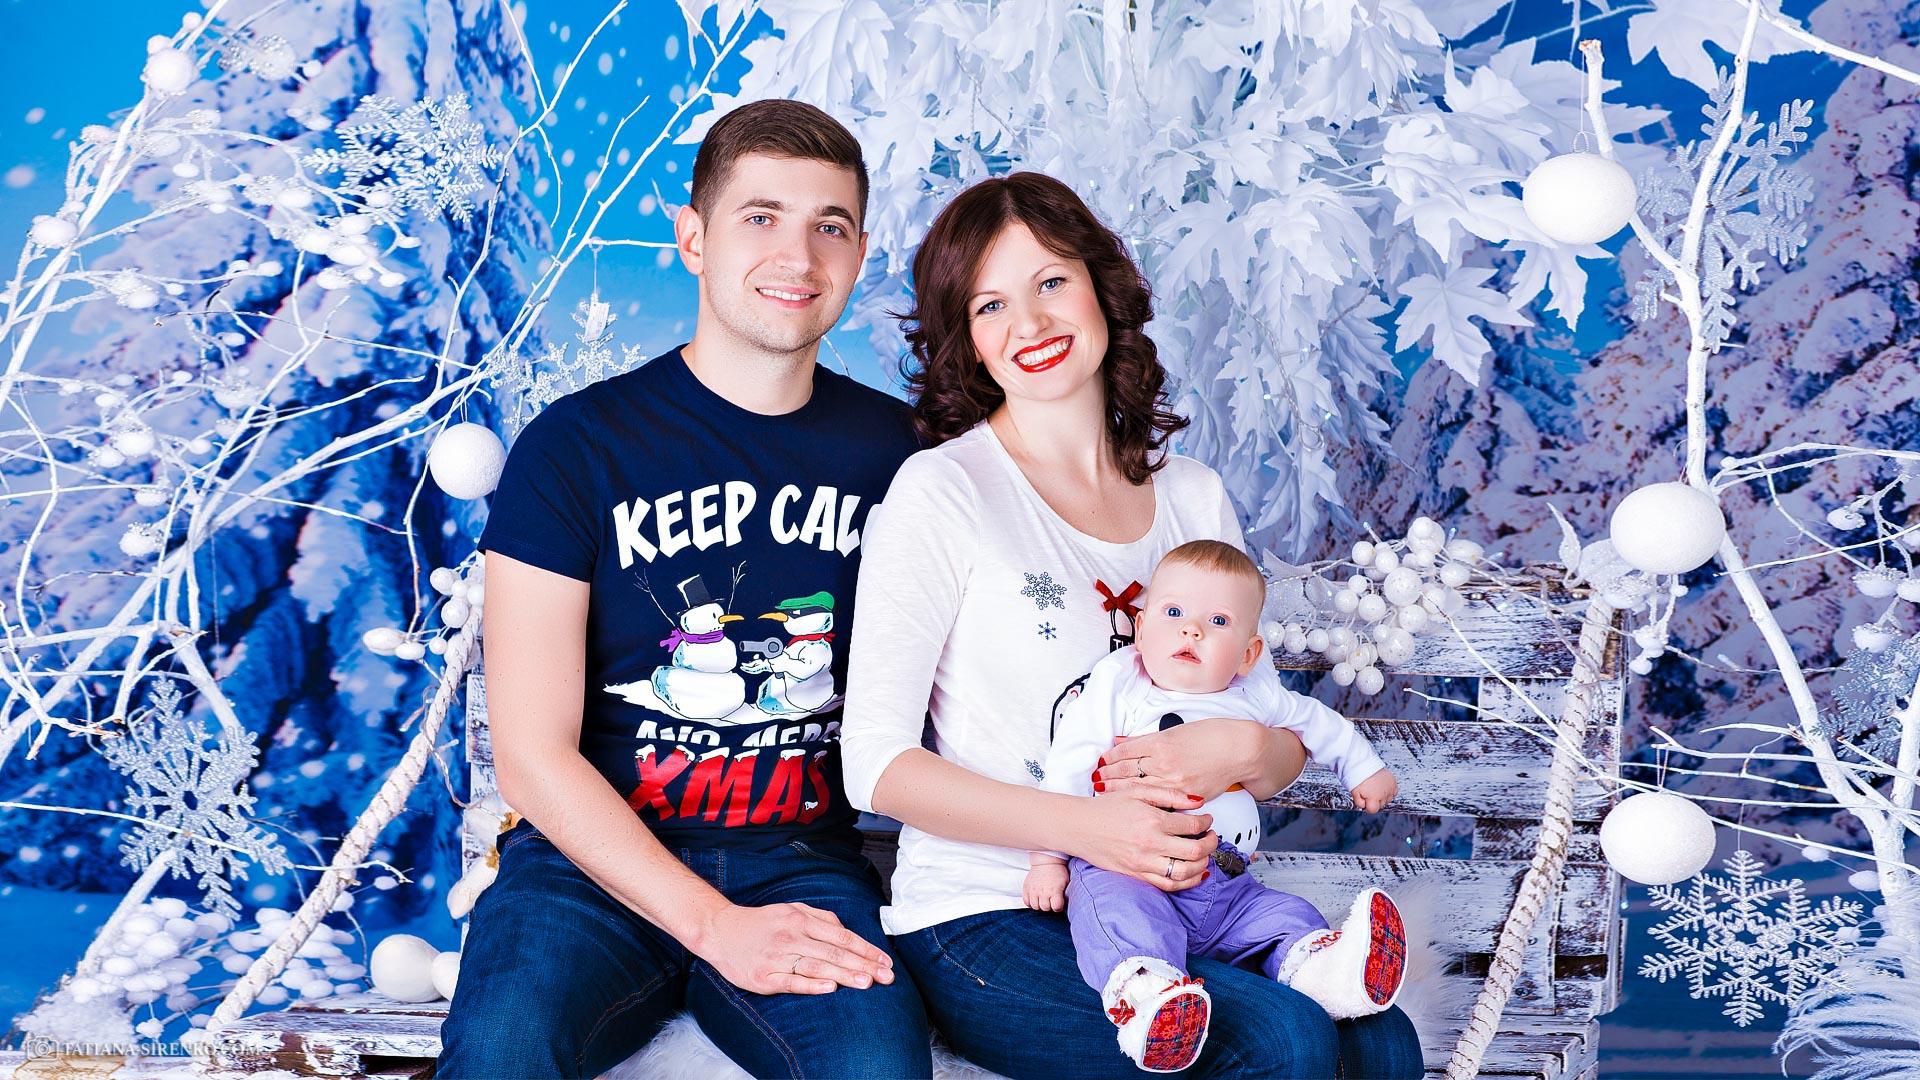 Детская фотосъемка семейная фотосессия Киев в студии